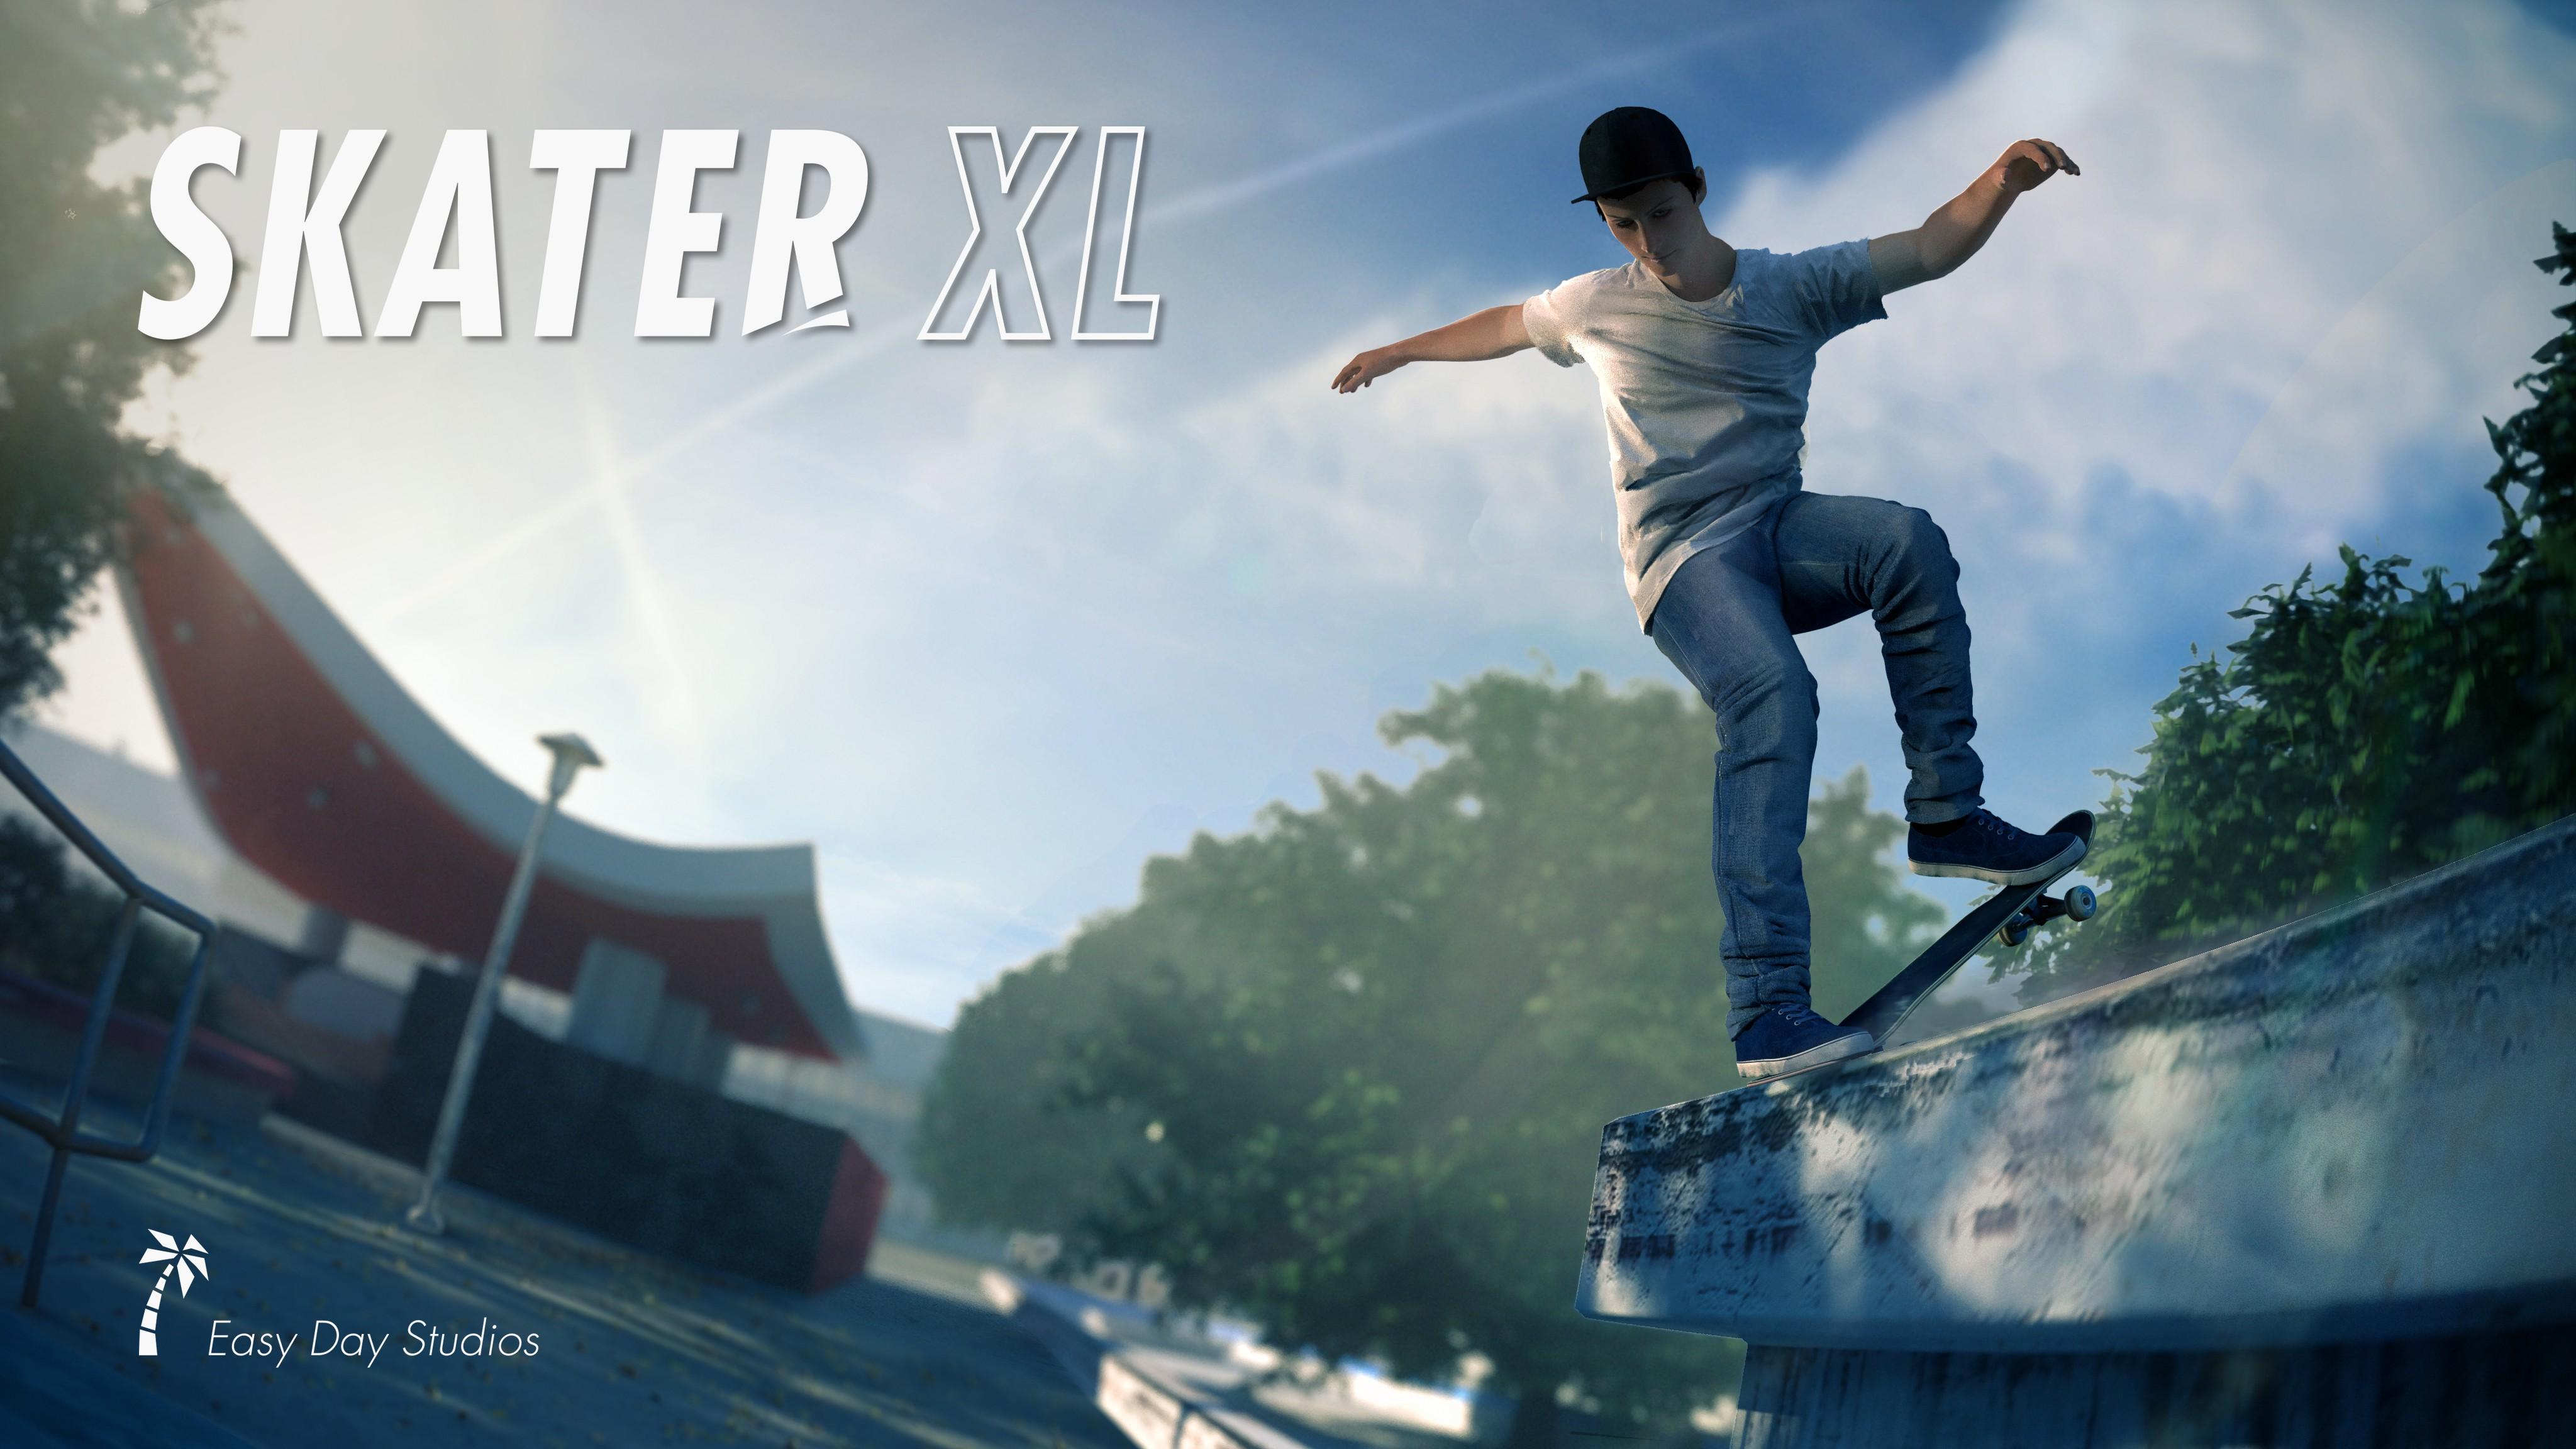 滑板游戏风潮再起 《滑板XL》本月登陆抢先体验平台